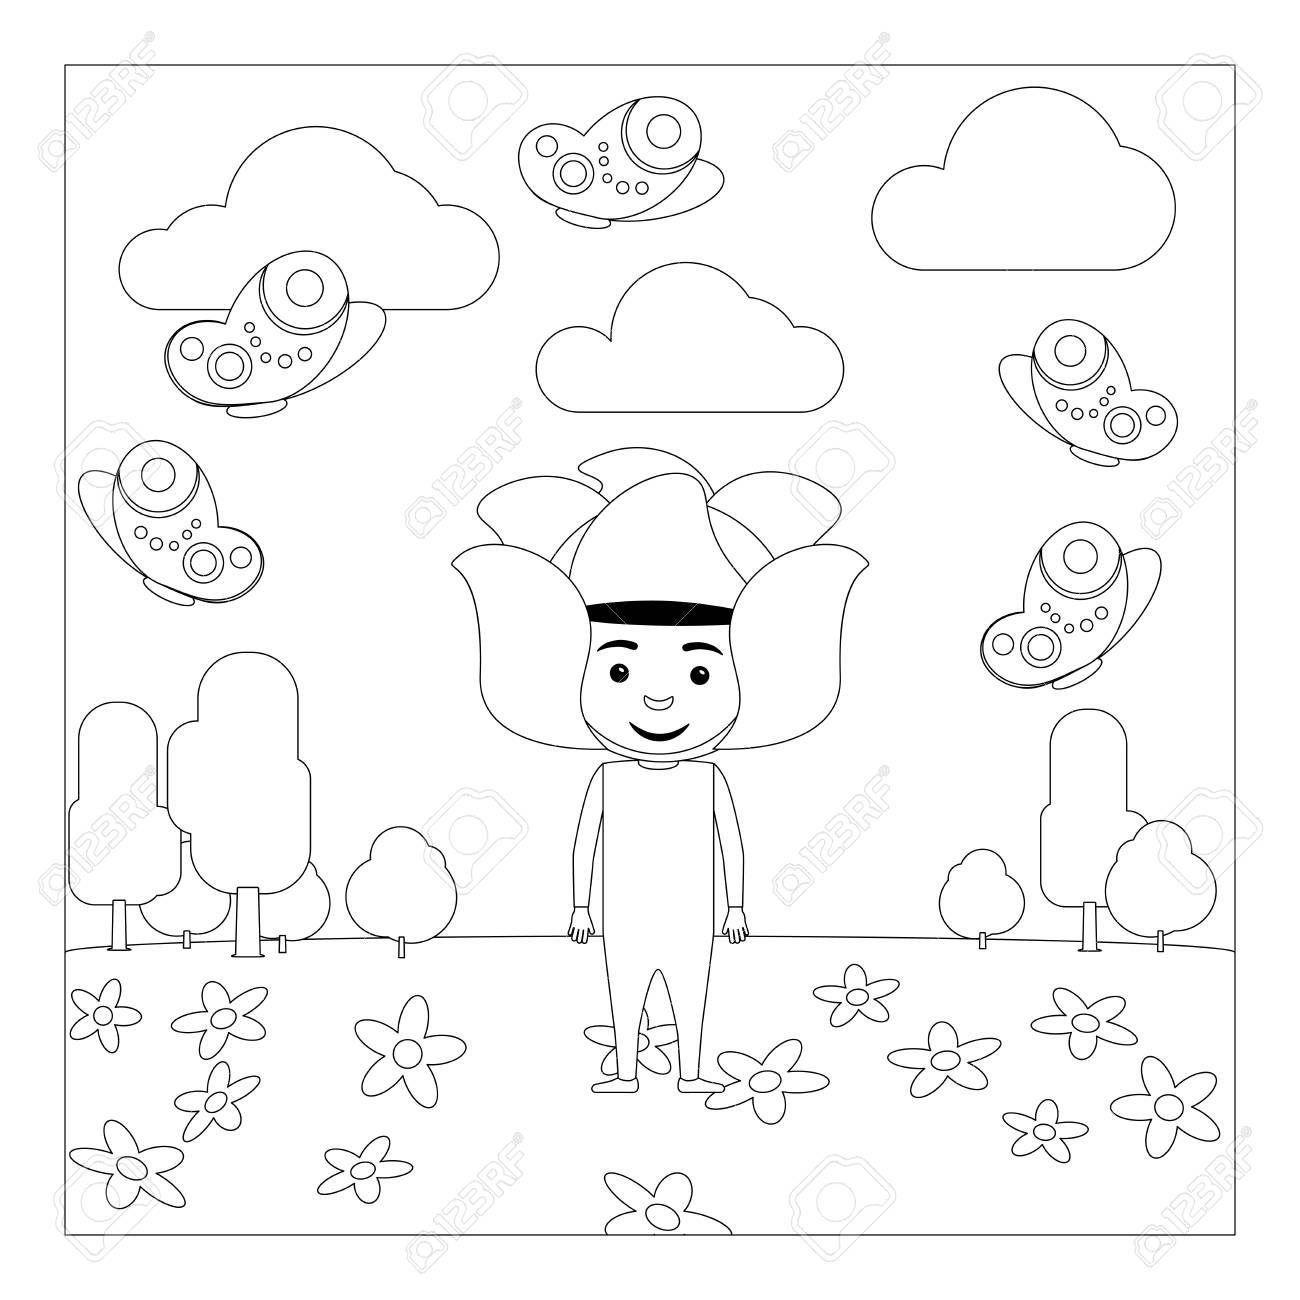 Enfant En Robe A Fleurs Fantaisie A La Maternelle Coloriage Pour Les Enfants Illustration Vectorielle Clip Art Libres De Droits Vecteurs Et Illustration Image 64416526